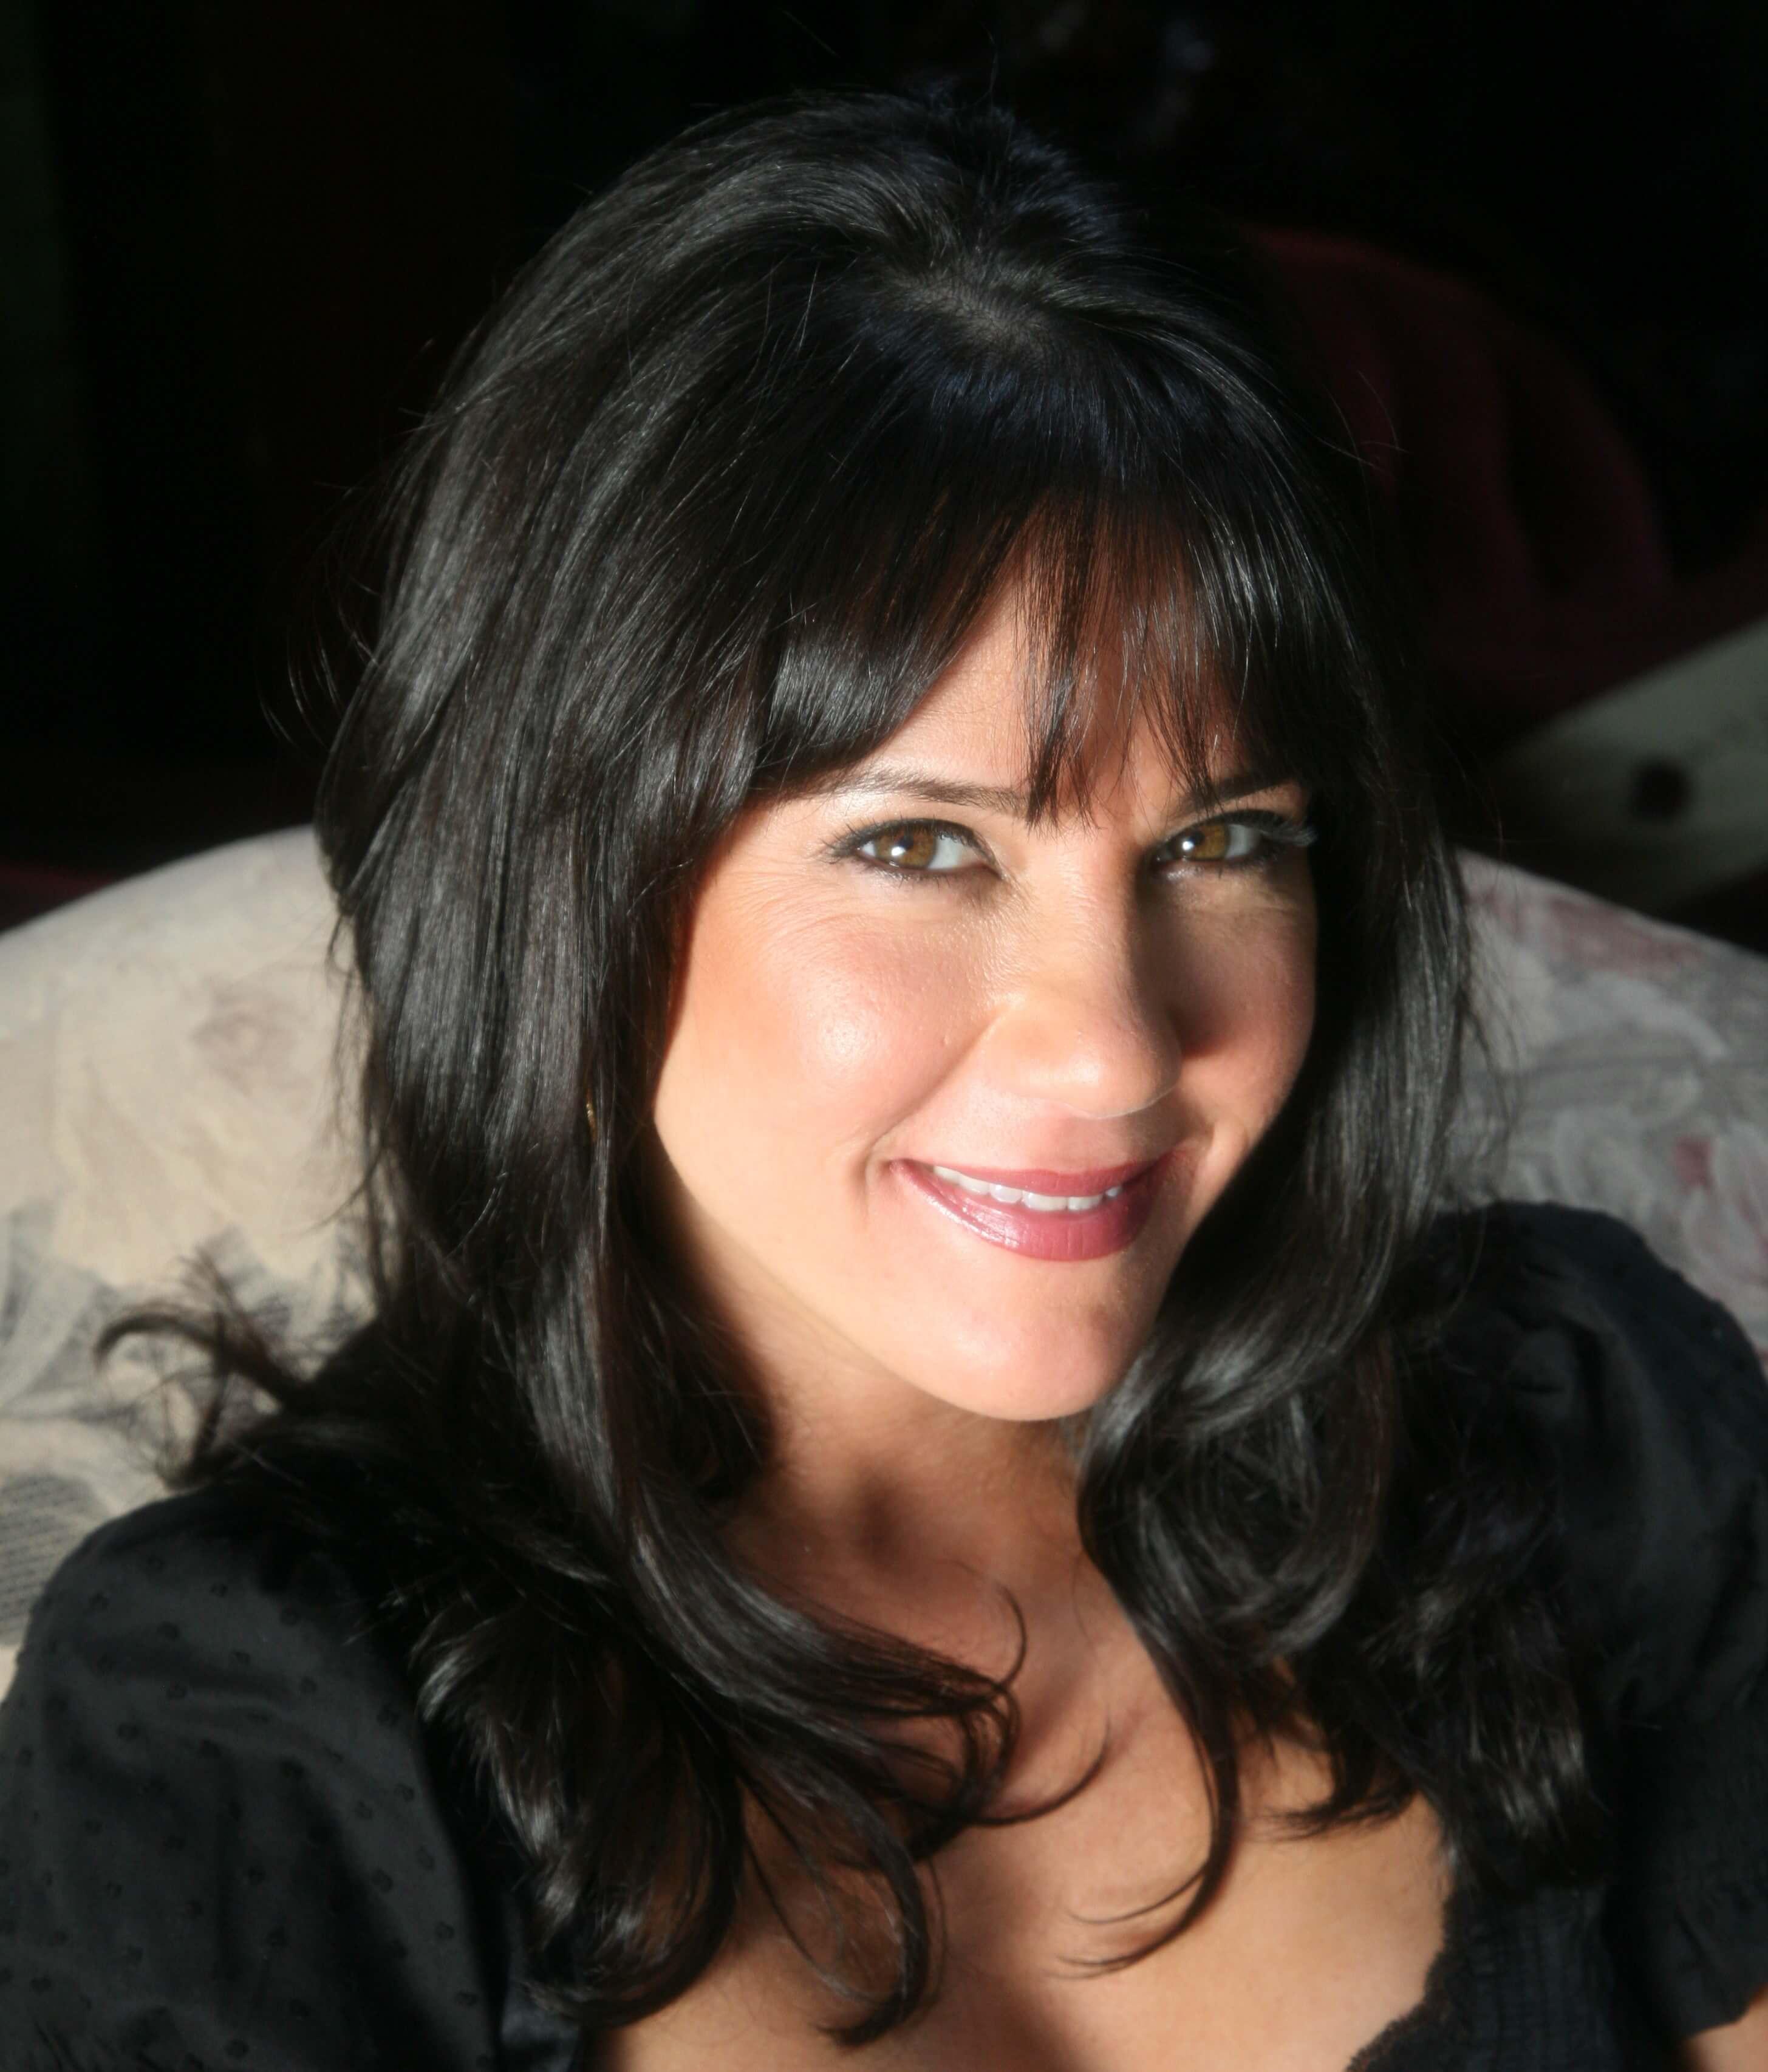 Gina Pic